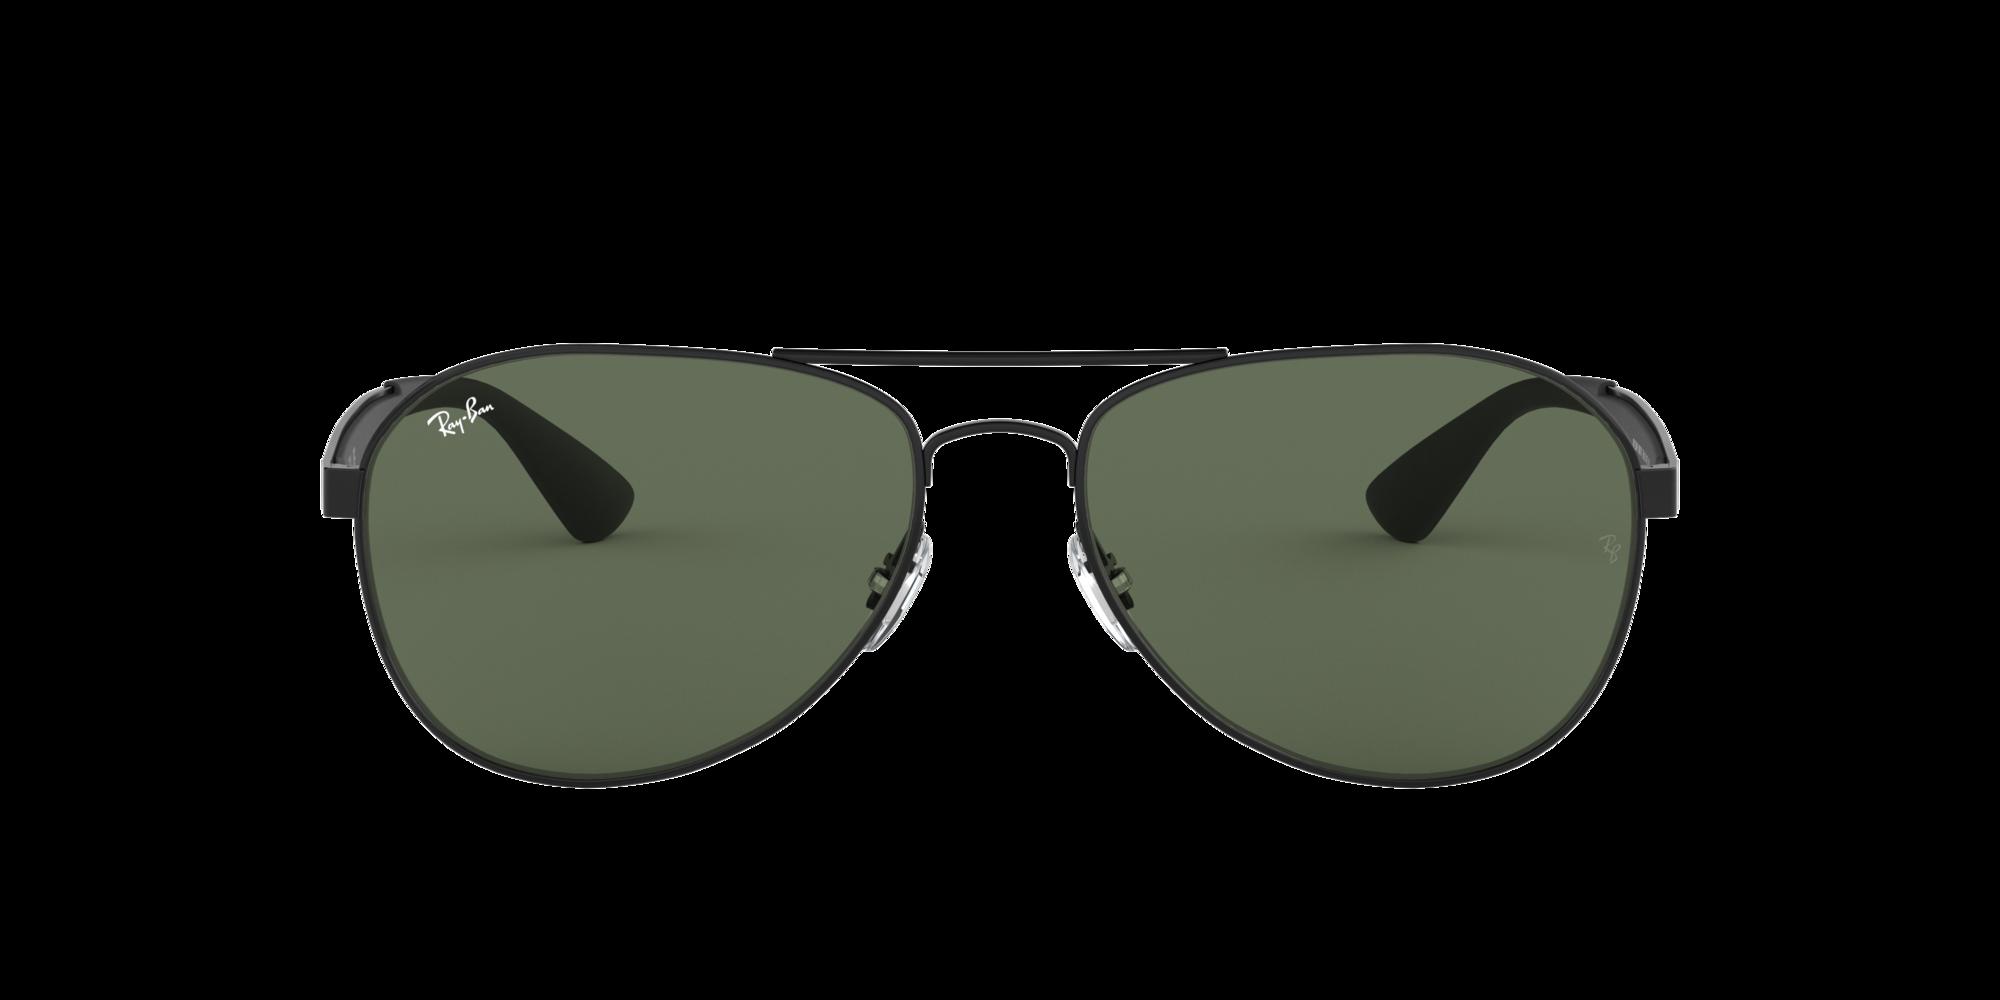 Imagen para RB3549 58 de LensCrafters    Espejuelos, espejuelos graduados en línea, gafas